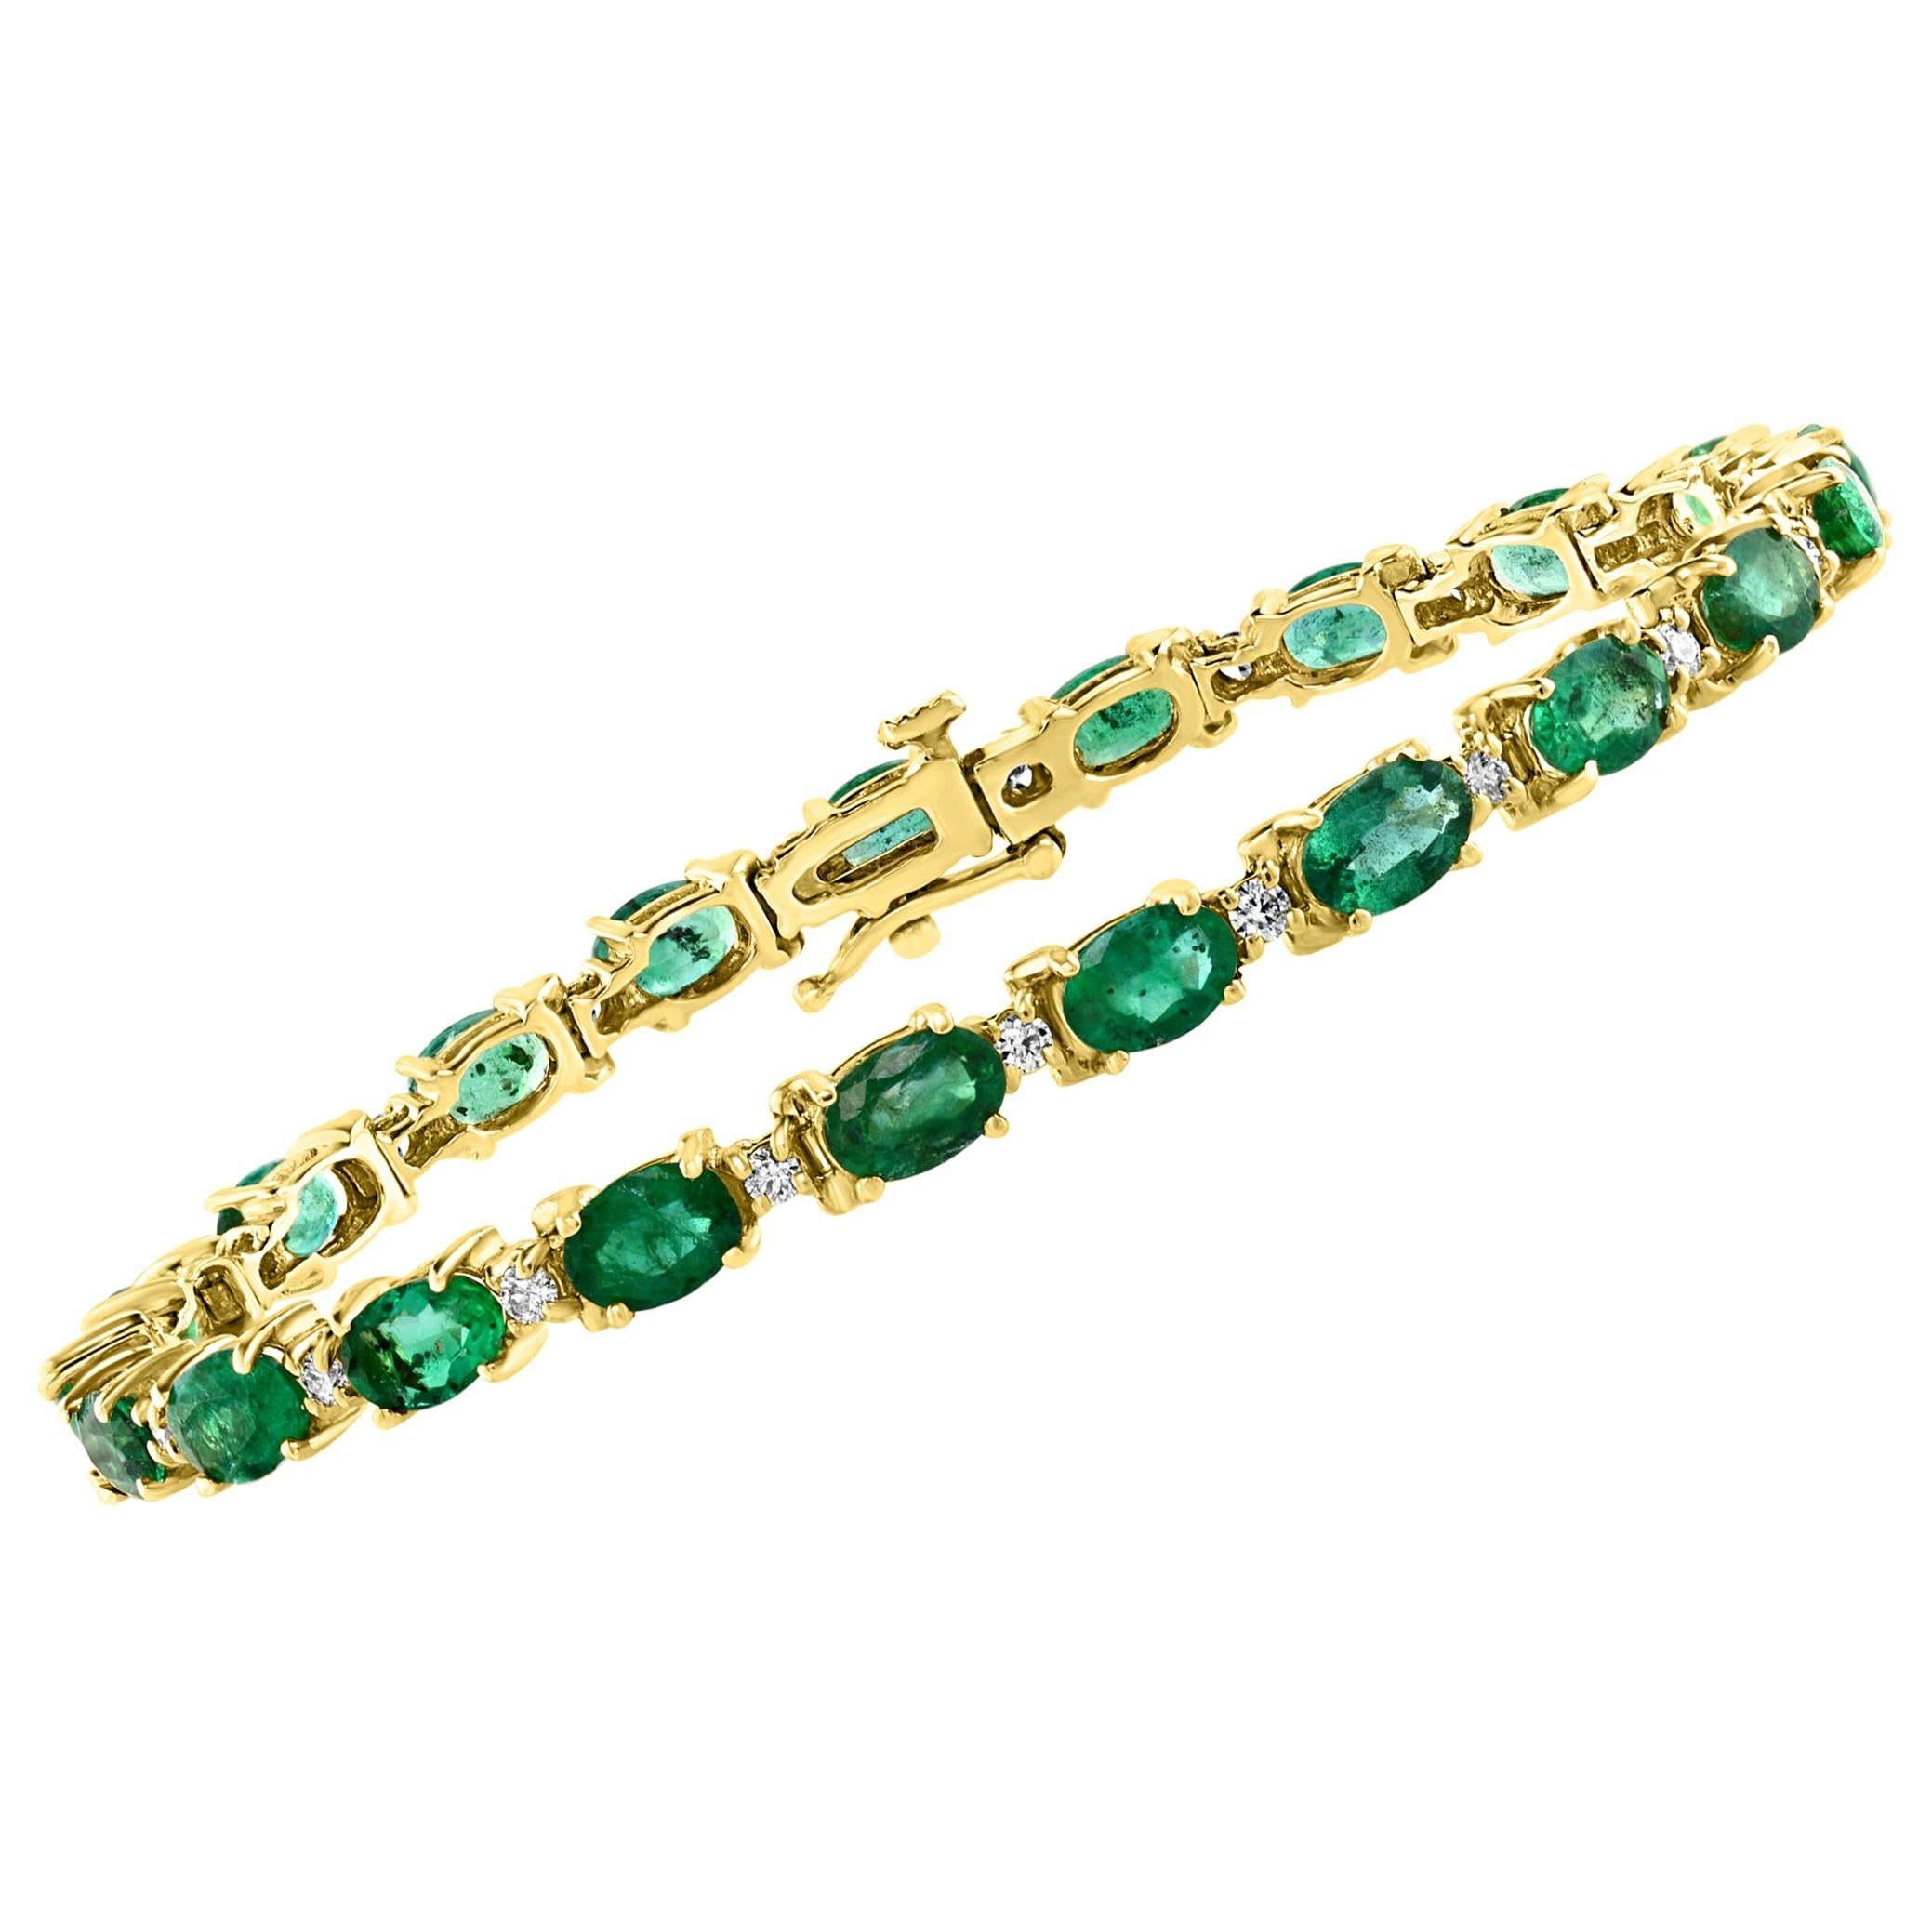 8 Carat Emerald and Diamond Tennis Bracelet 14 Karat Yellow Gold